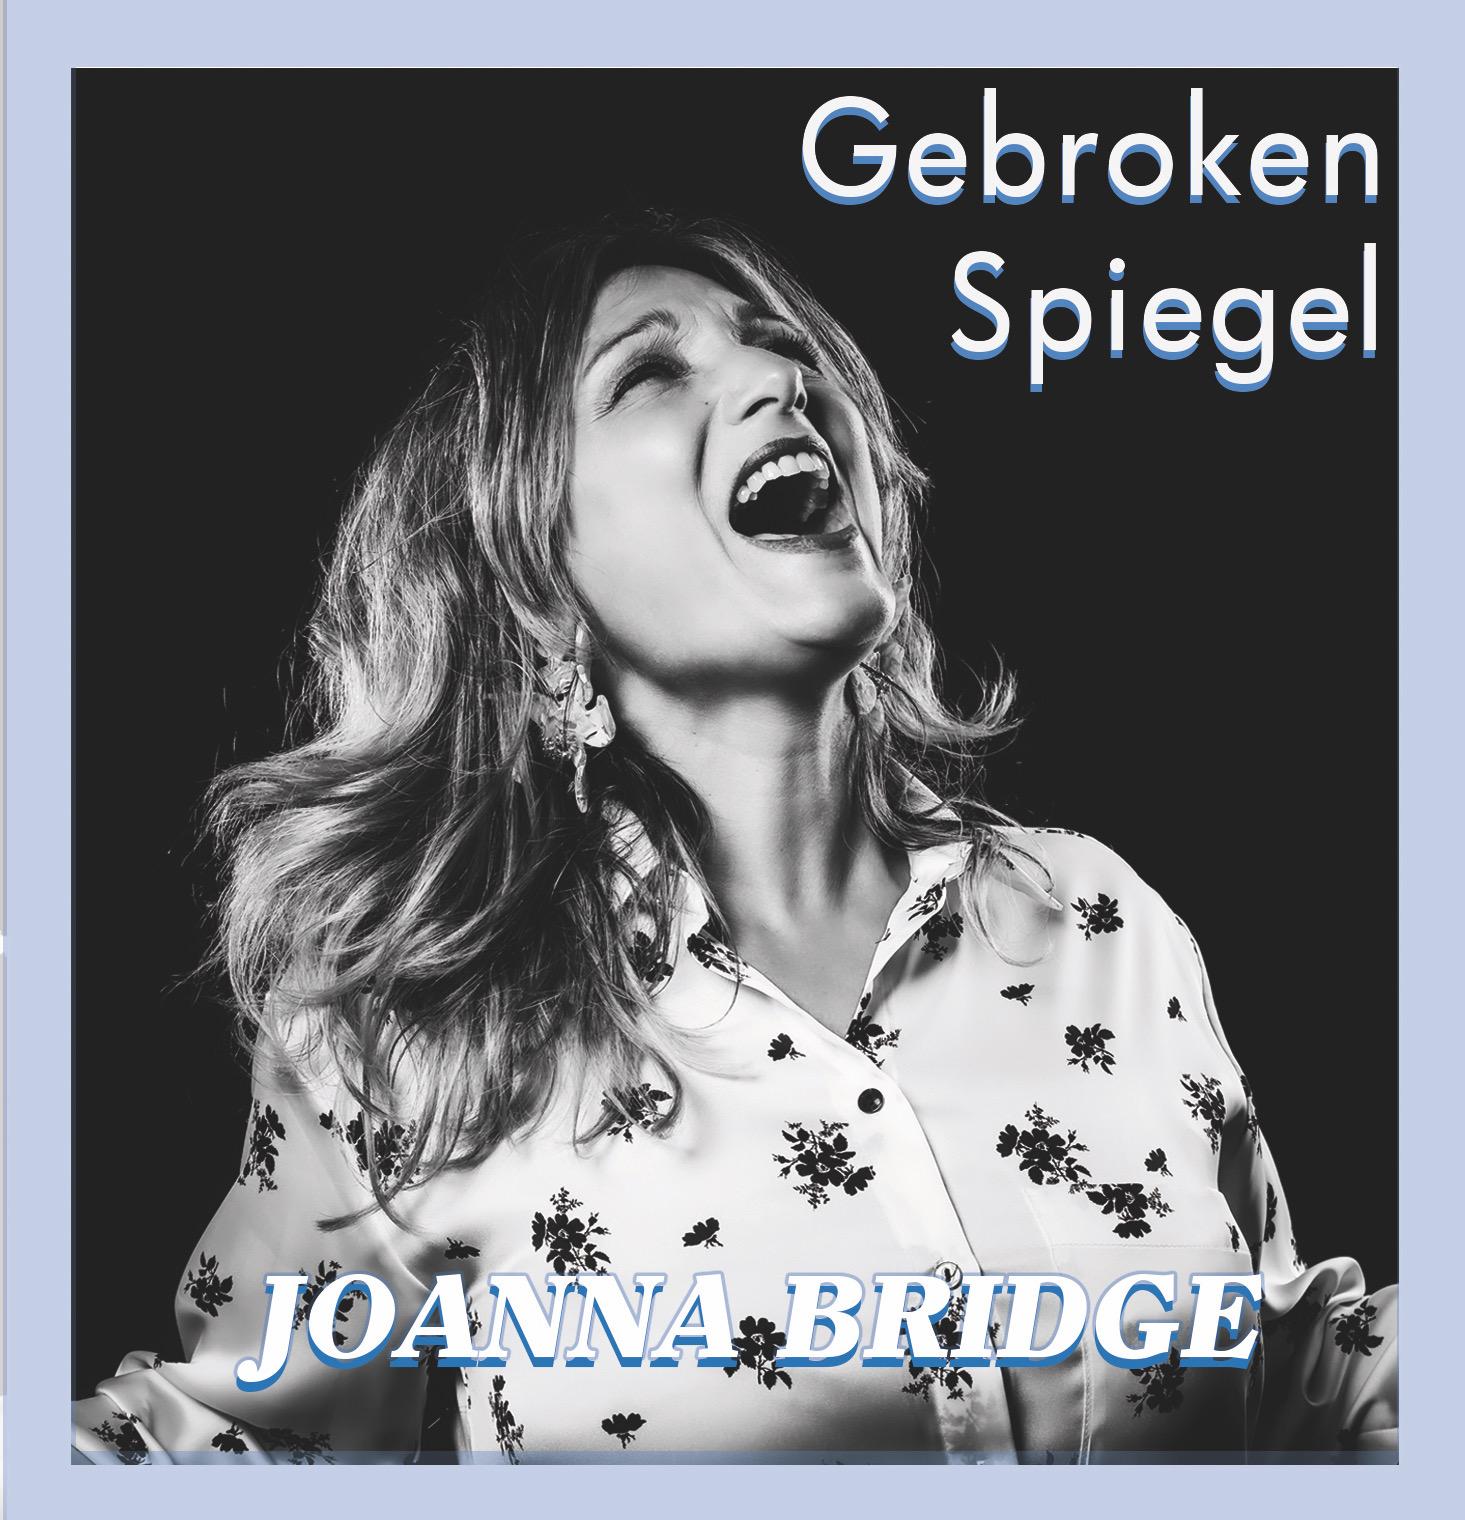 Joanna Bridge - Gebroken Spiegel